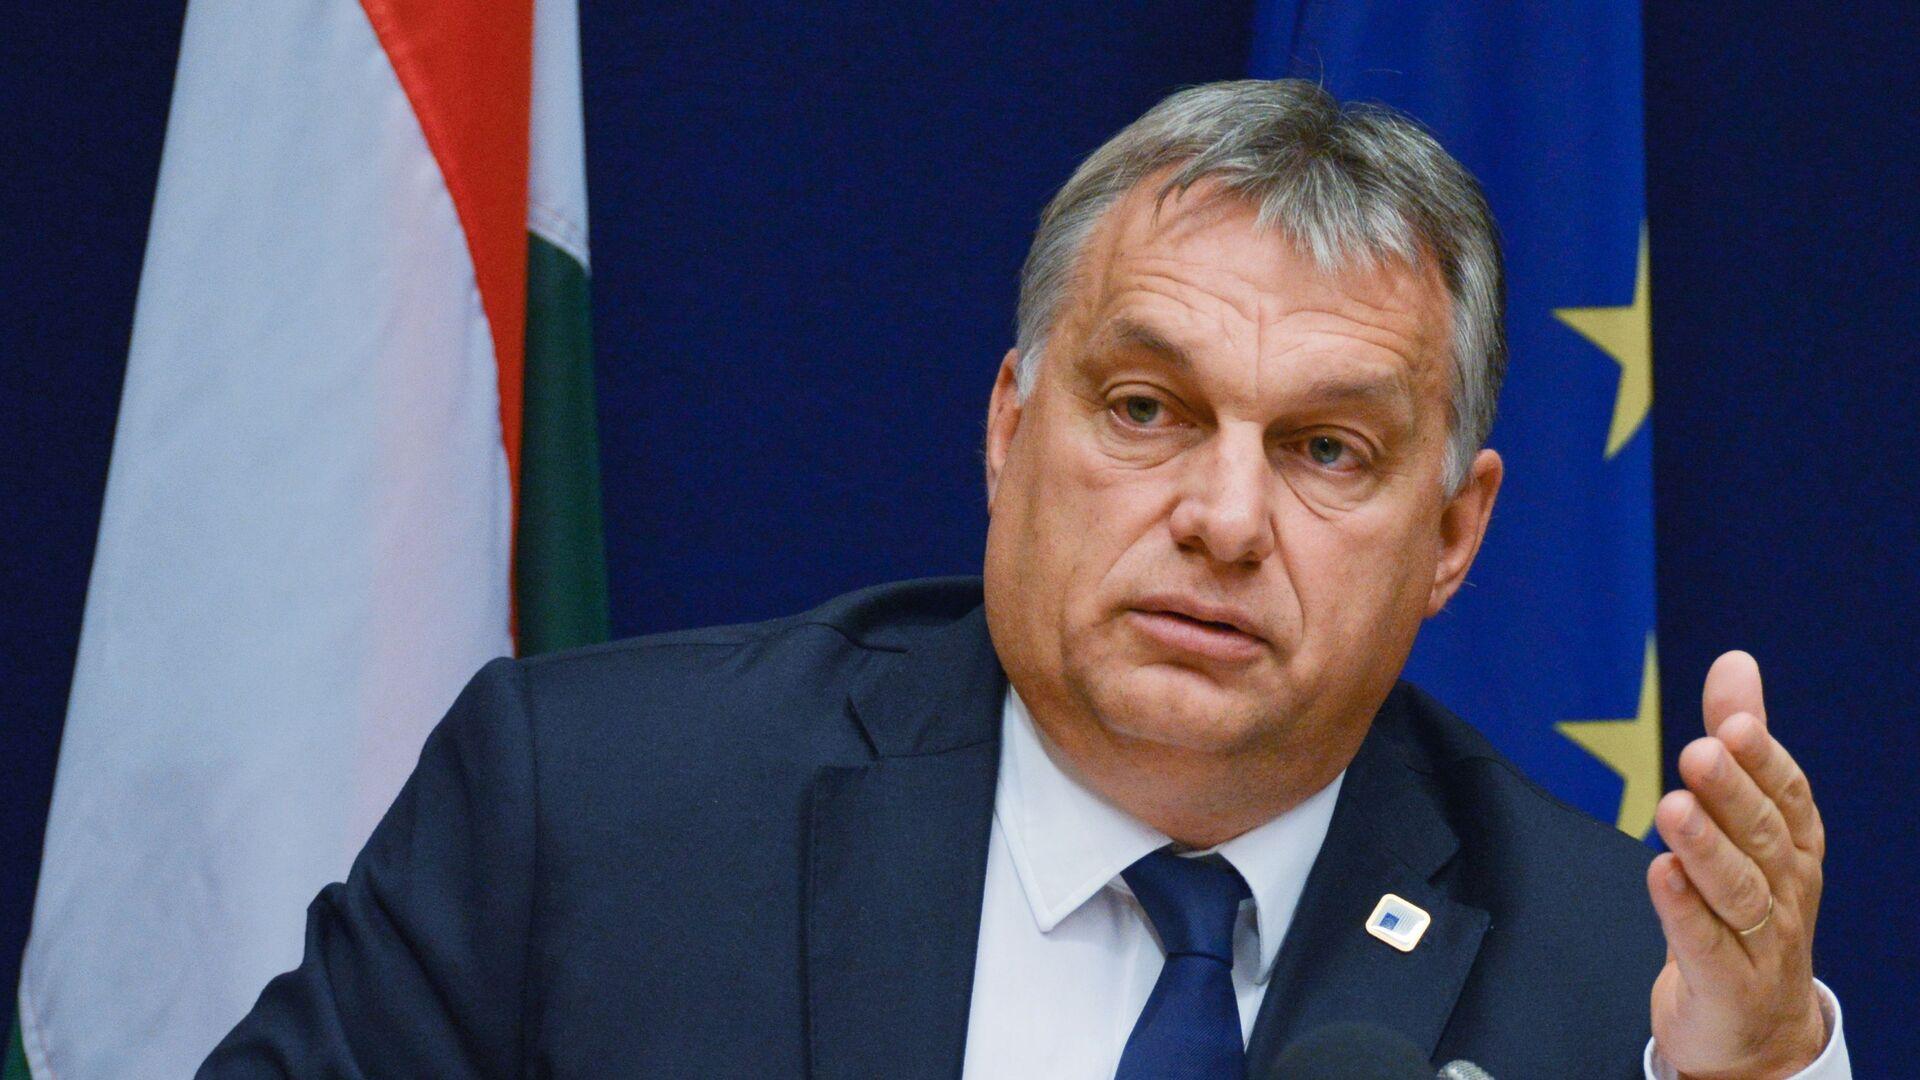 Maďarský premiér Viktor Orbán - Sputnik Česká republika, 1920, 19.06.2021